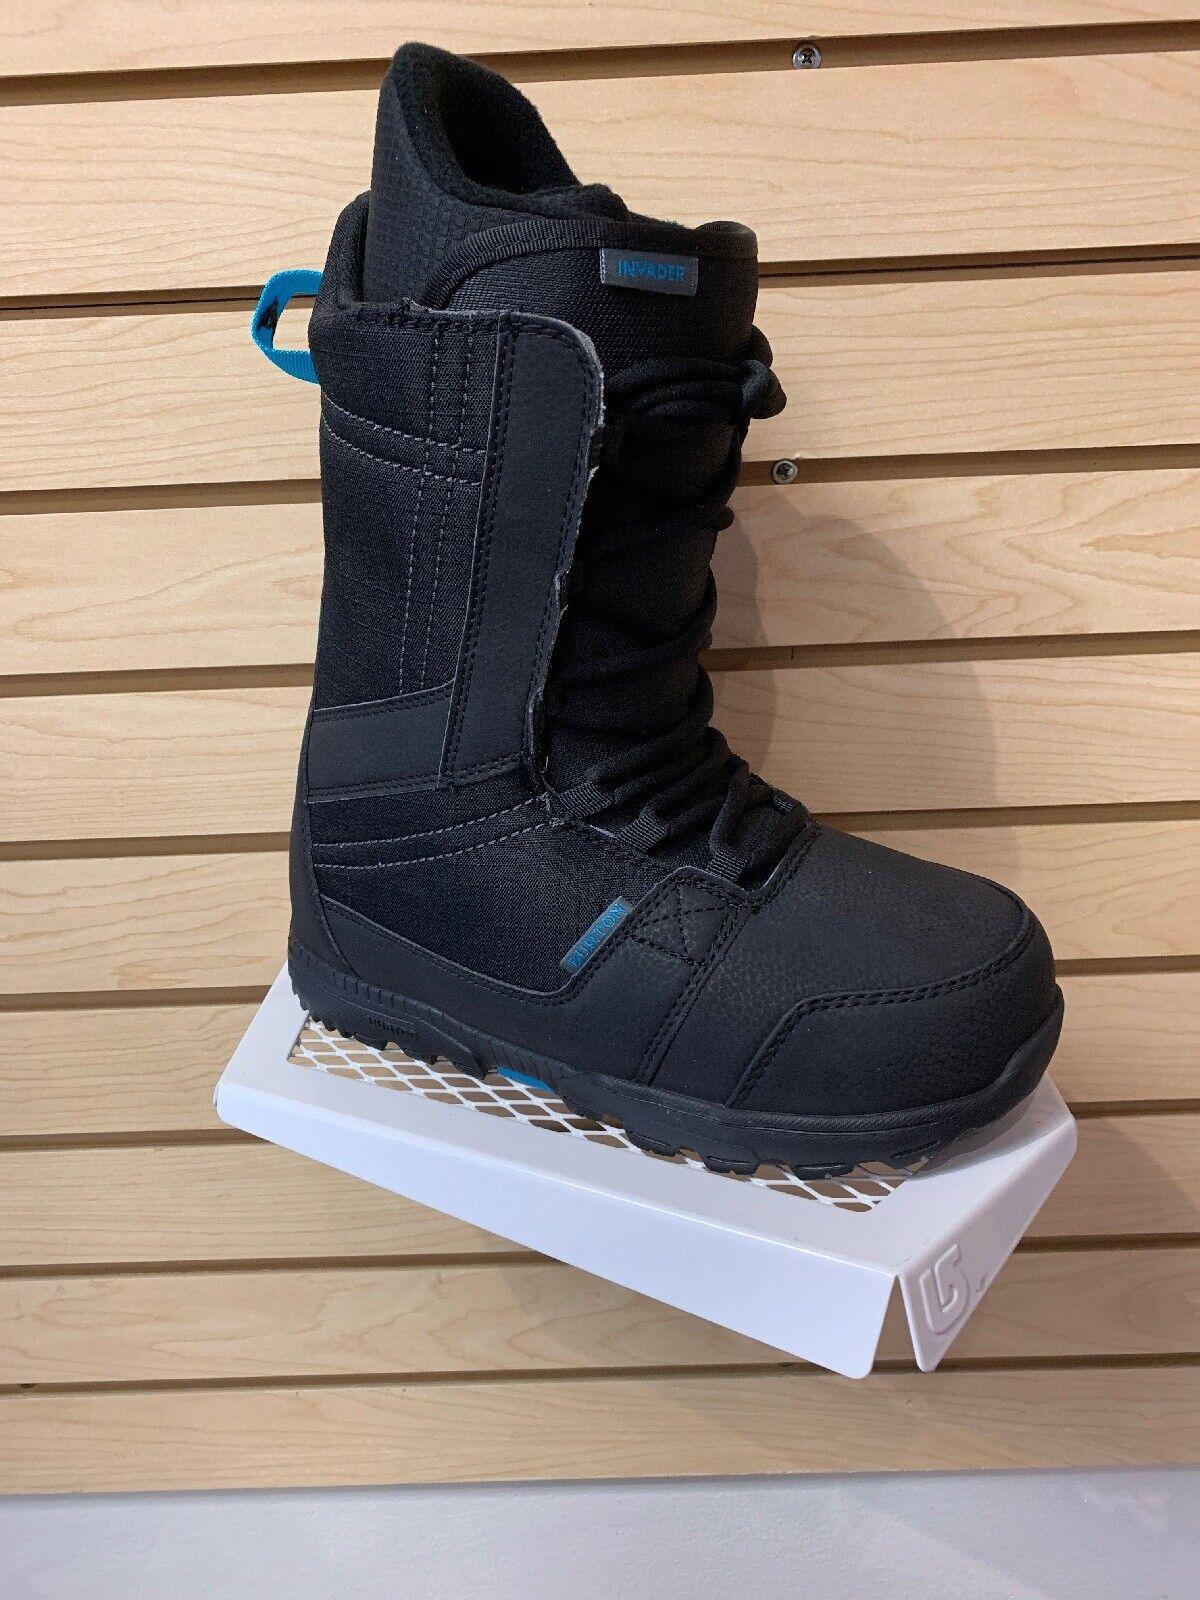 Brand New 2019 Burton Invader Men's Snowboard Boots Size 12